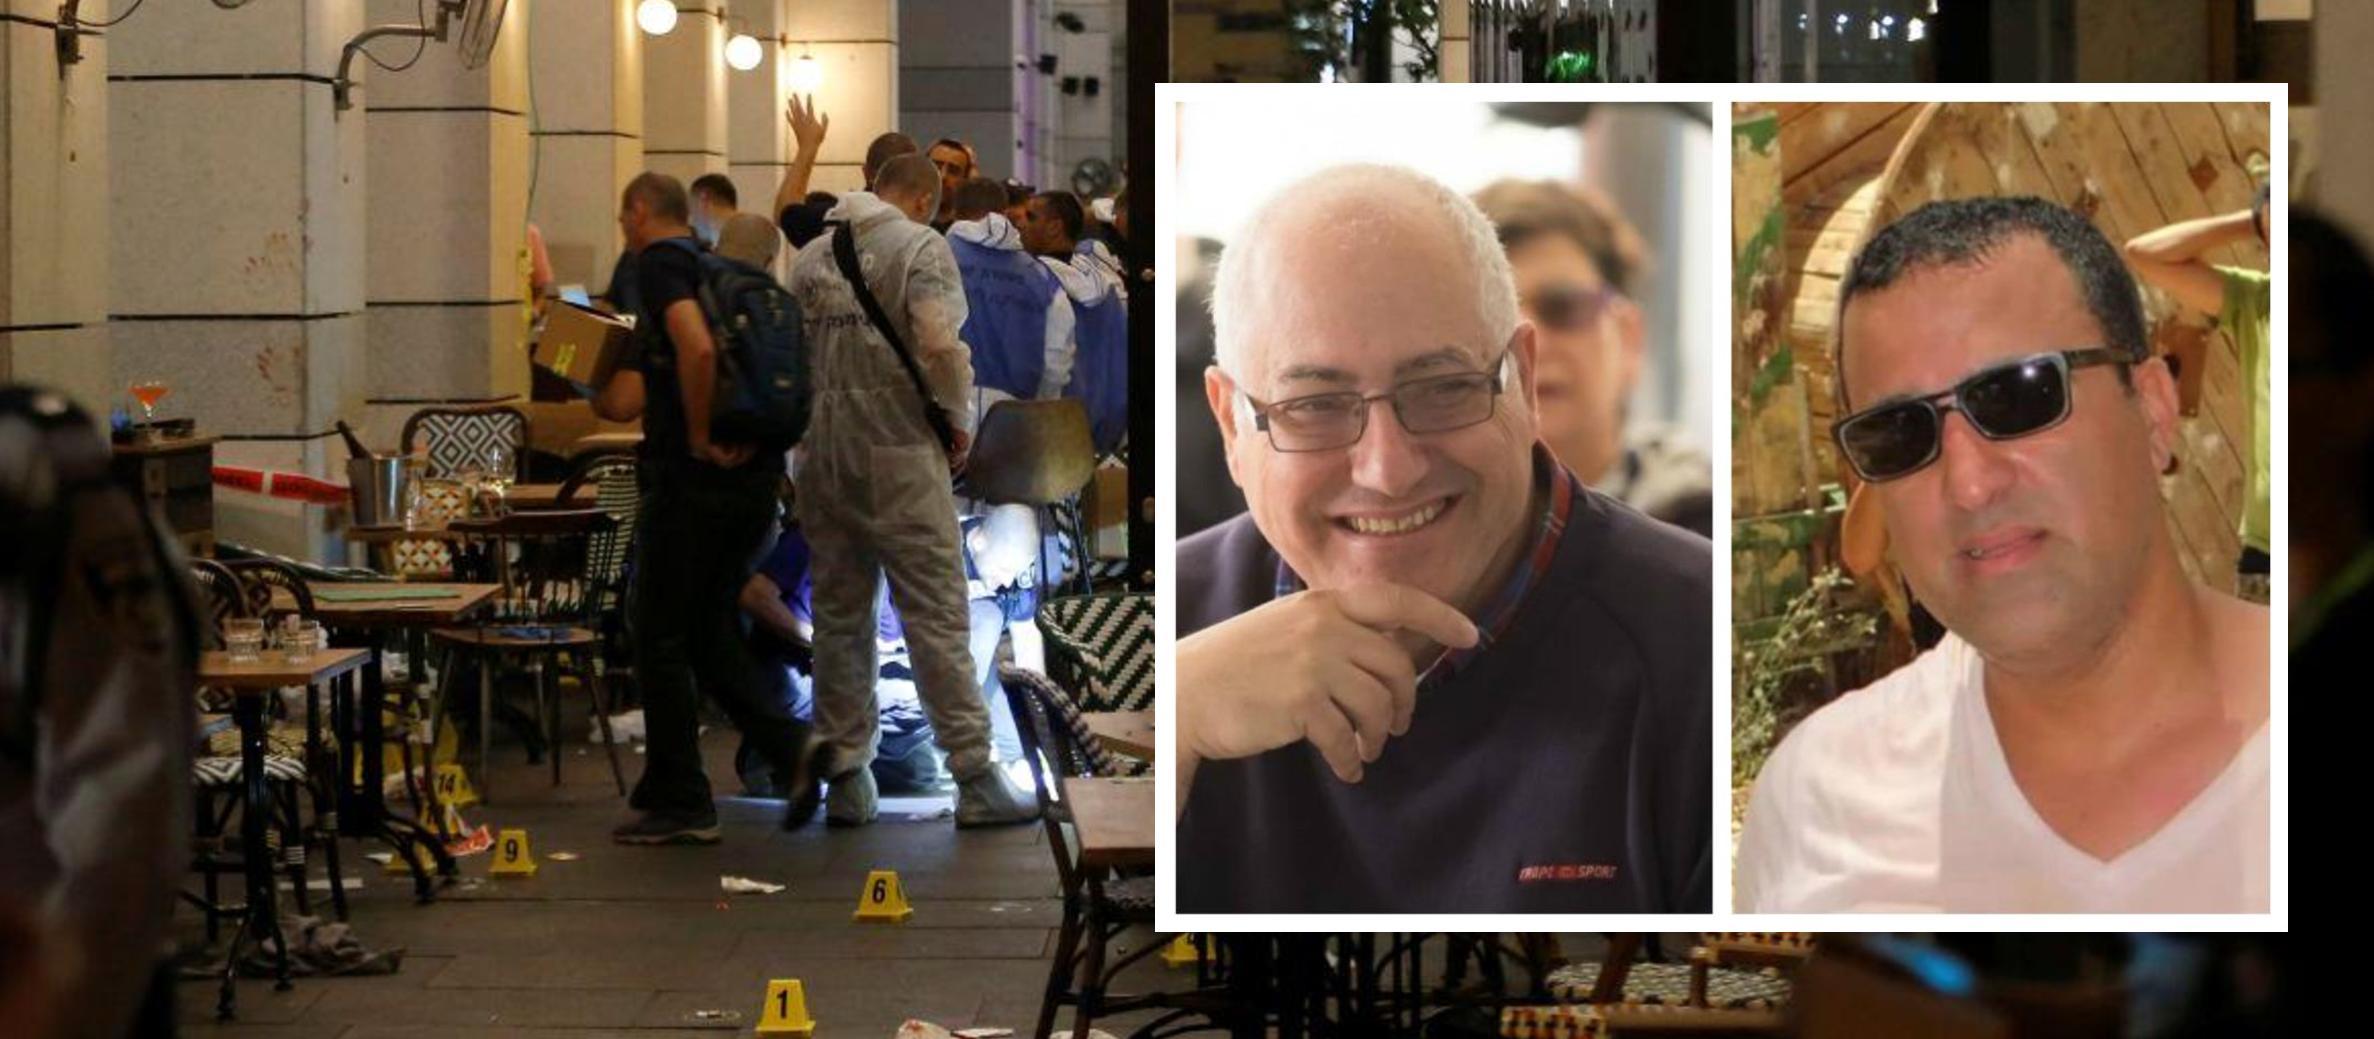 Victims of Tel Aviv terror attack named